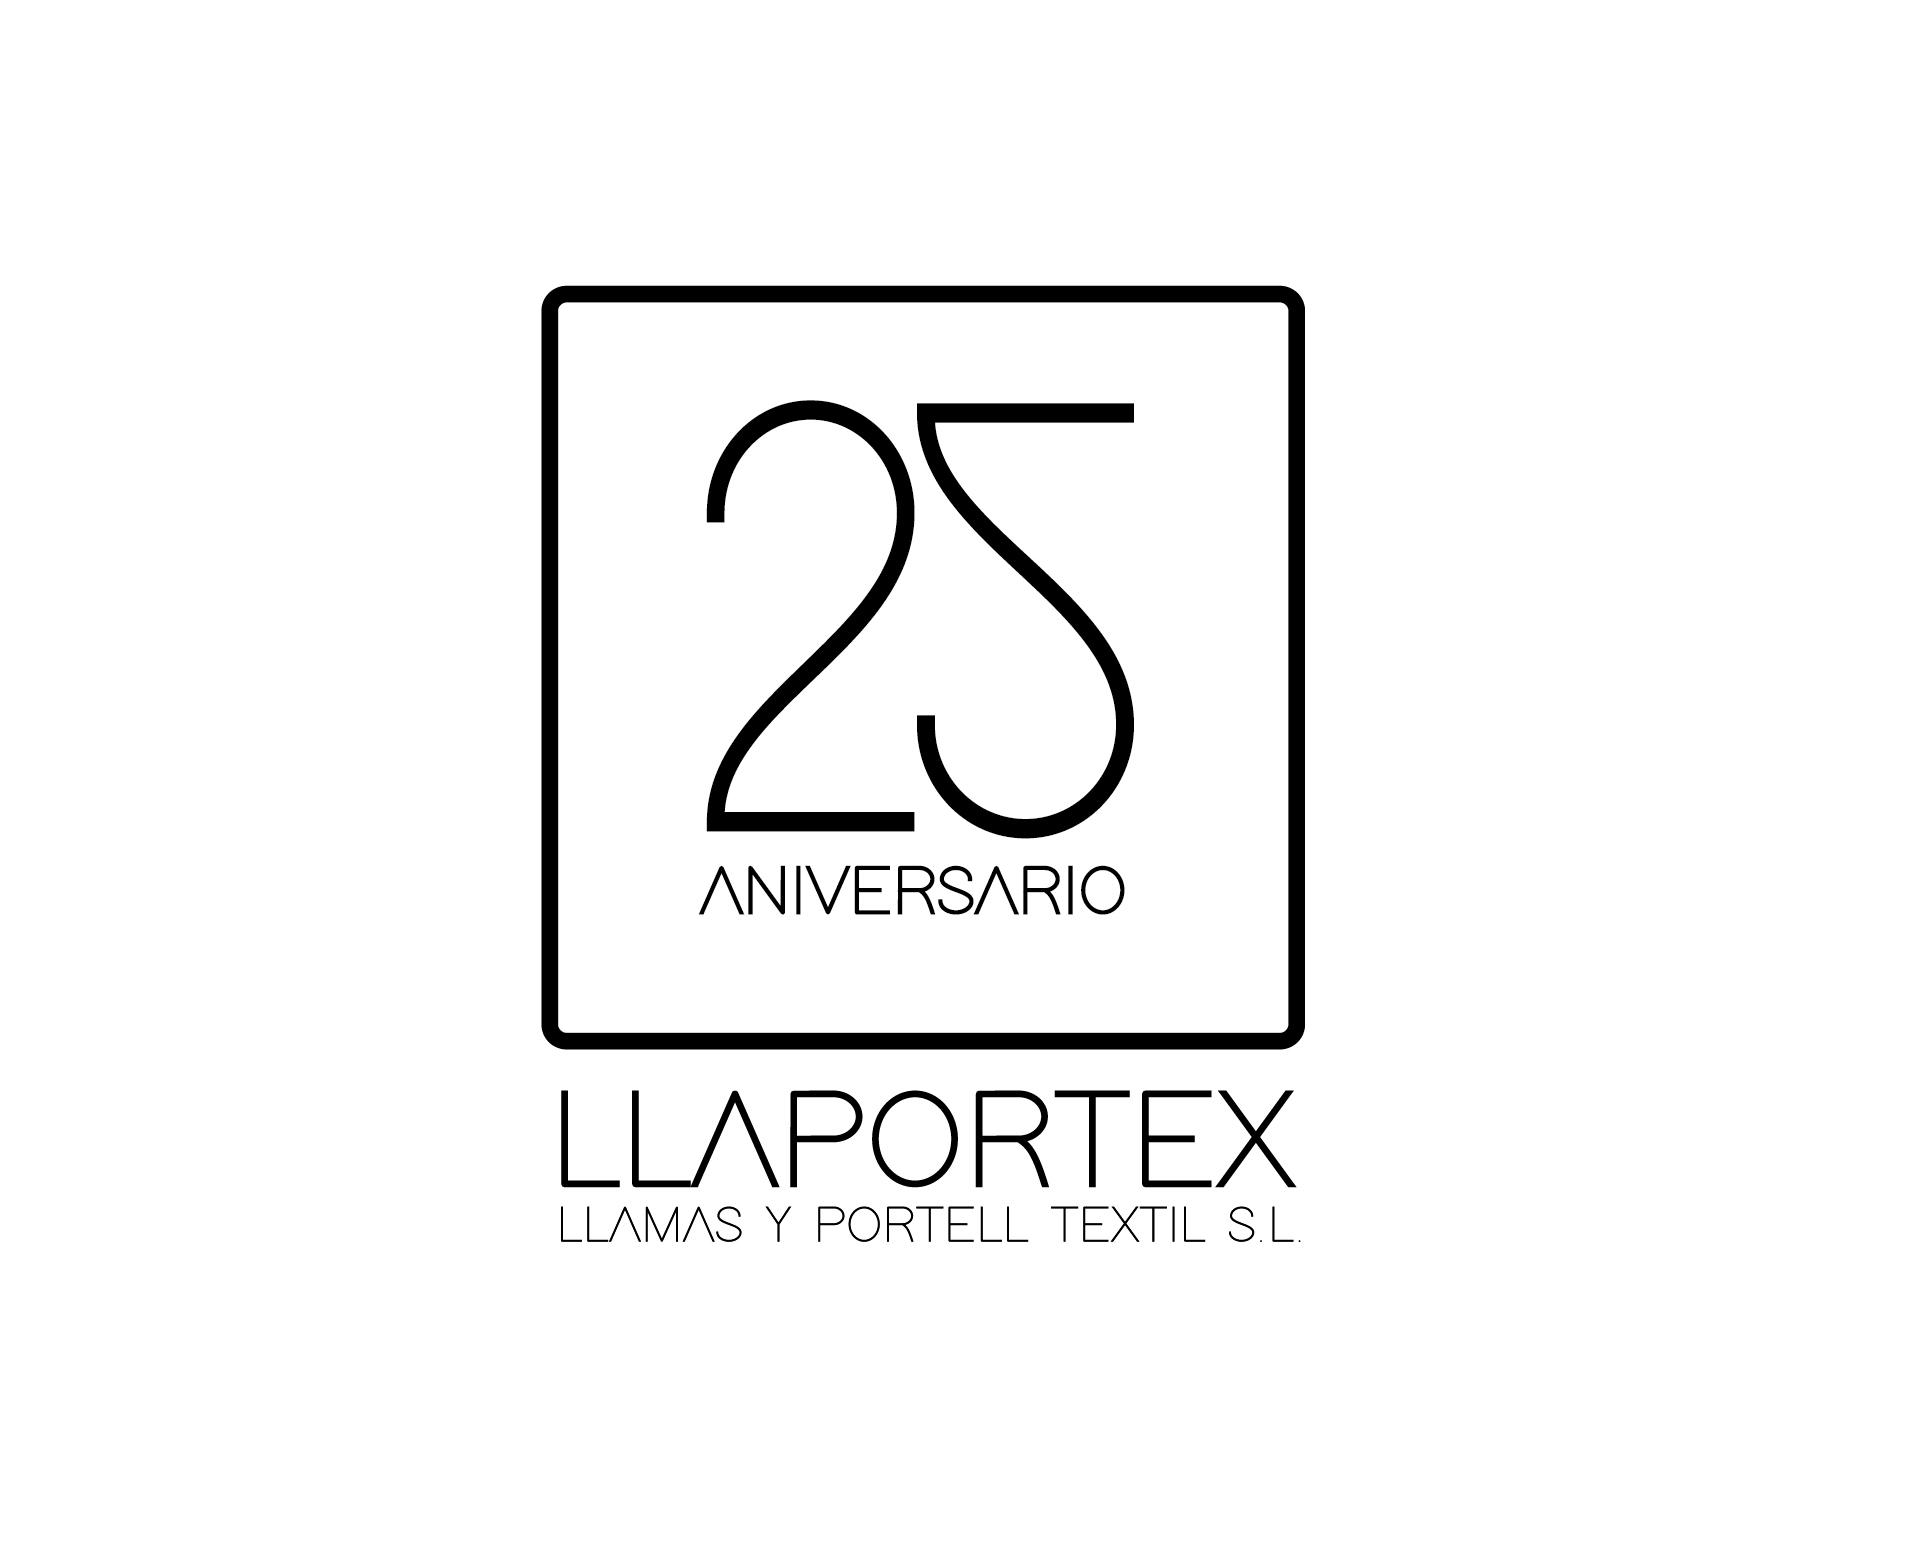 Logo_Llaportex